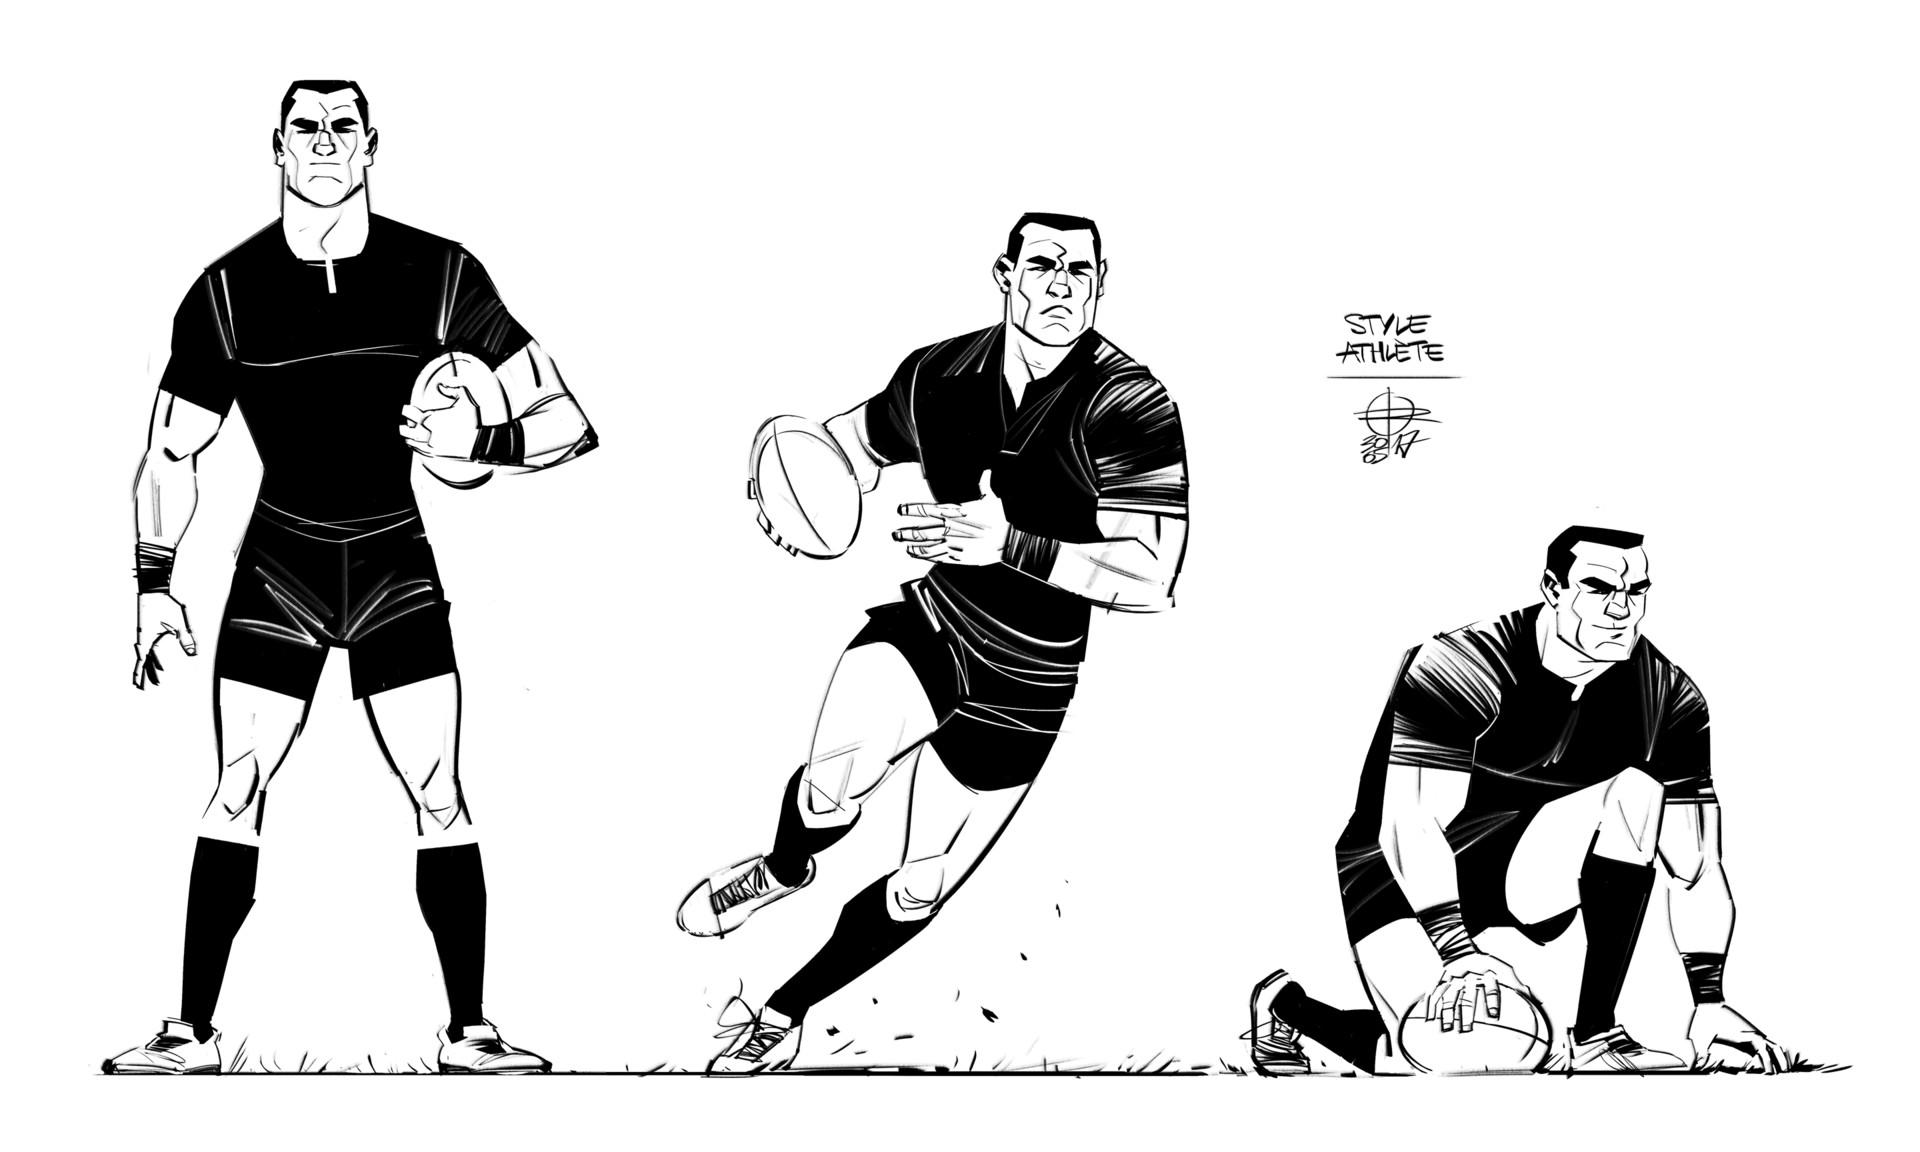 Renaud roche sketches05